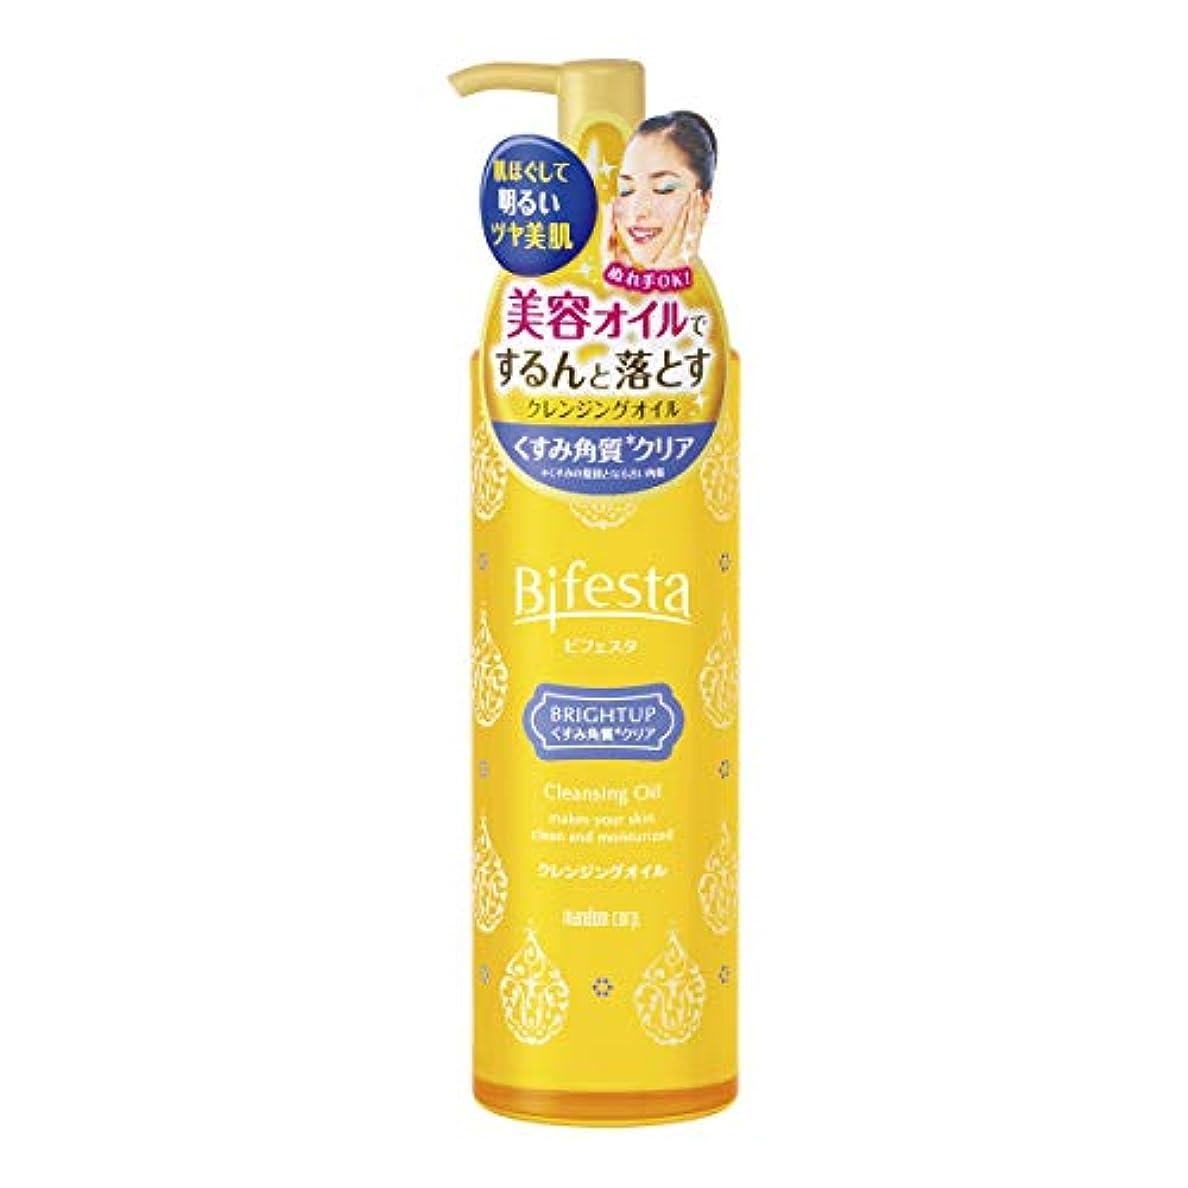 スワップ酸っぱい受益者Bifesta(ビフェスタ) クレンジングオイル ブライトアップ 230mL